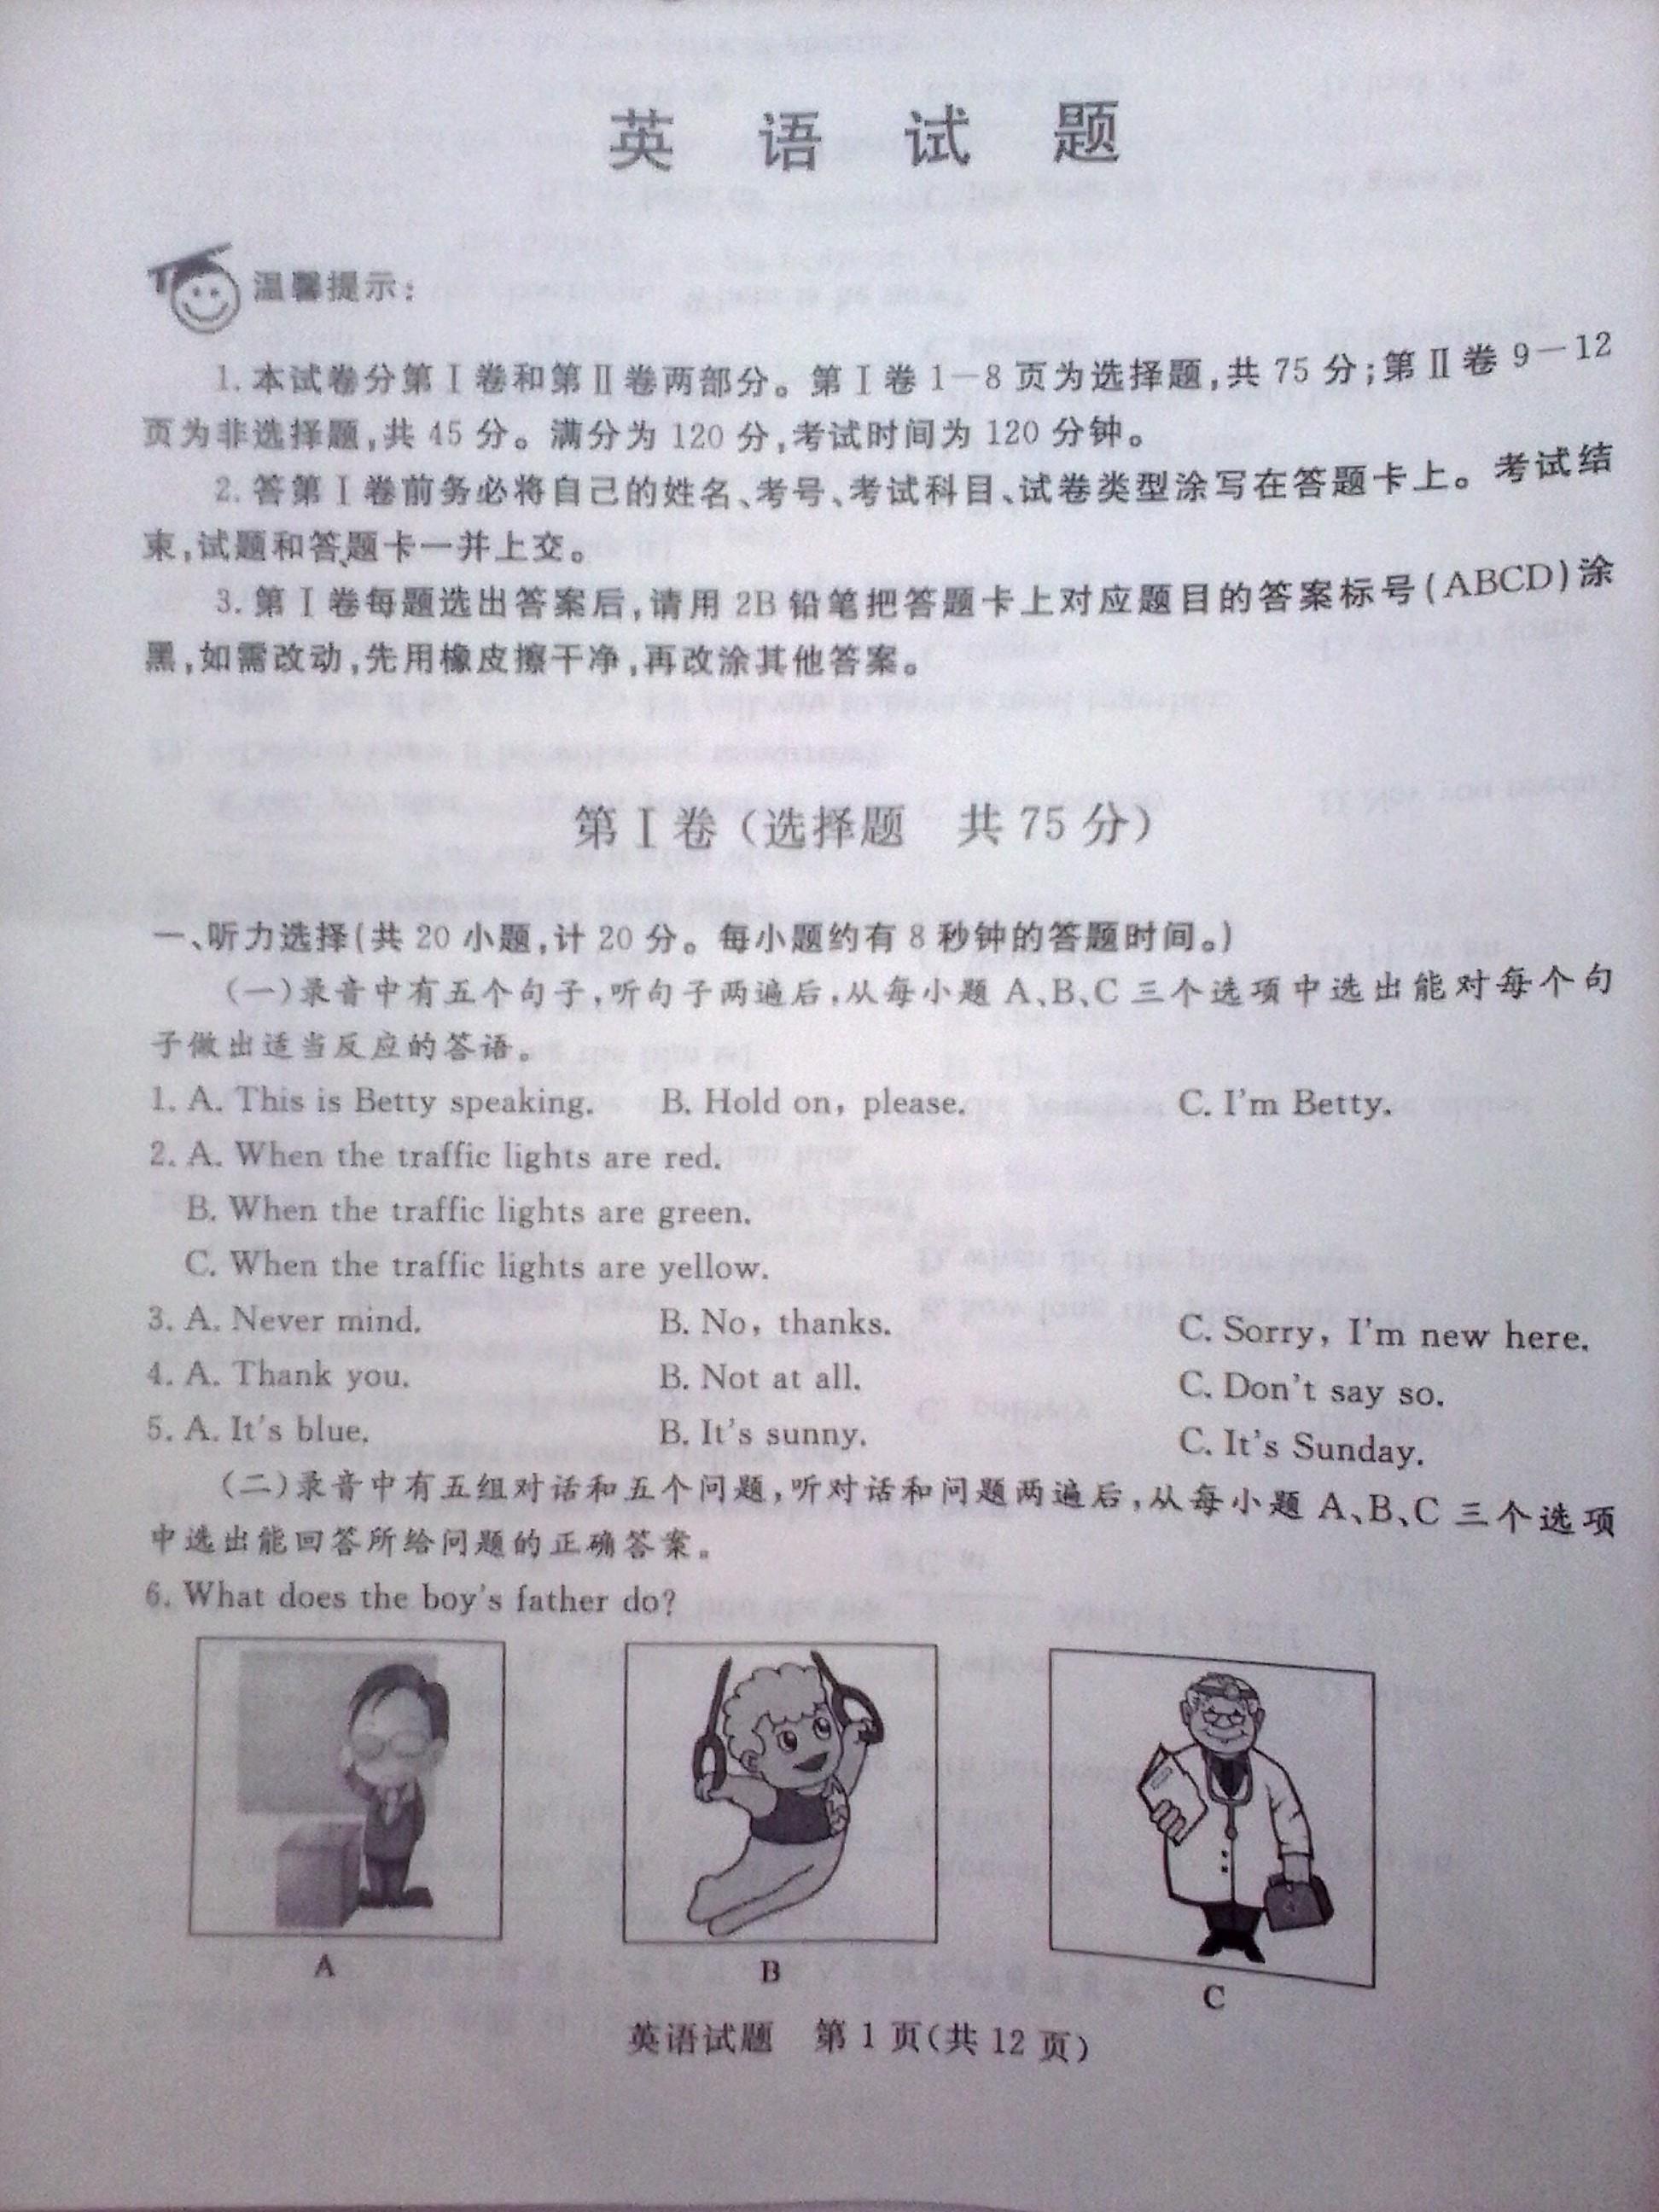 2014年山东滨州中考英语真题试题及答案(图片版)